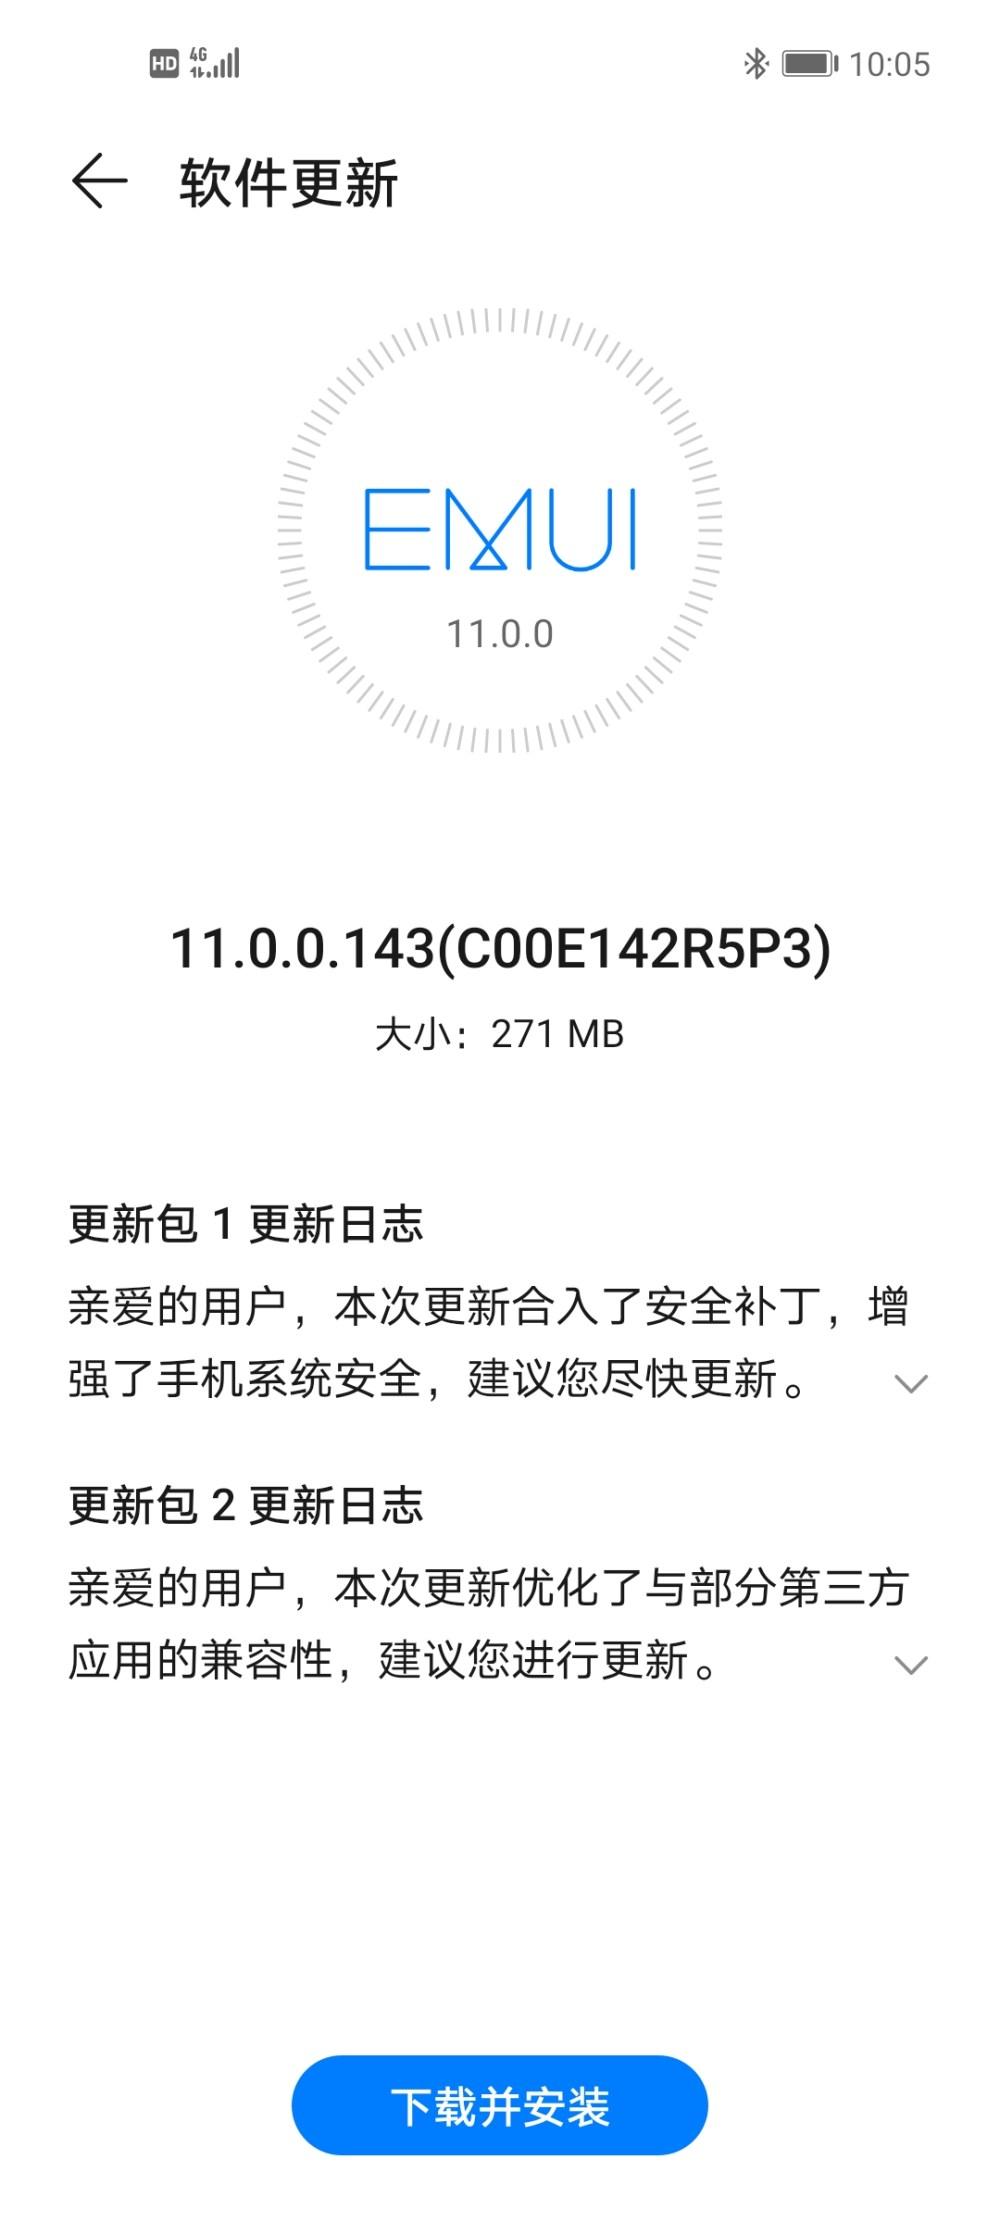 HUAWEI NOVA 7 AND NOVA 7 PRO 5G EMUI 11.0.0.143